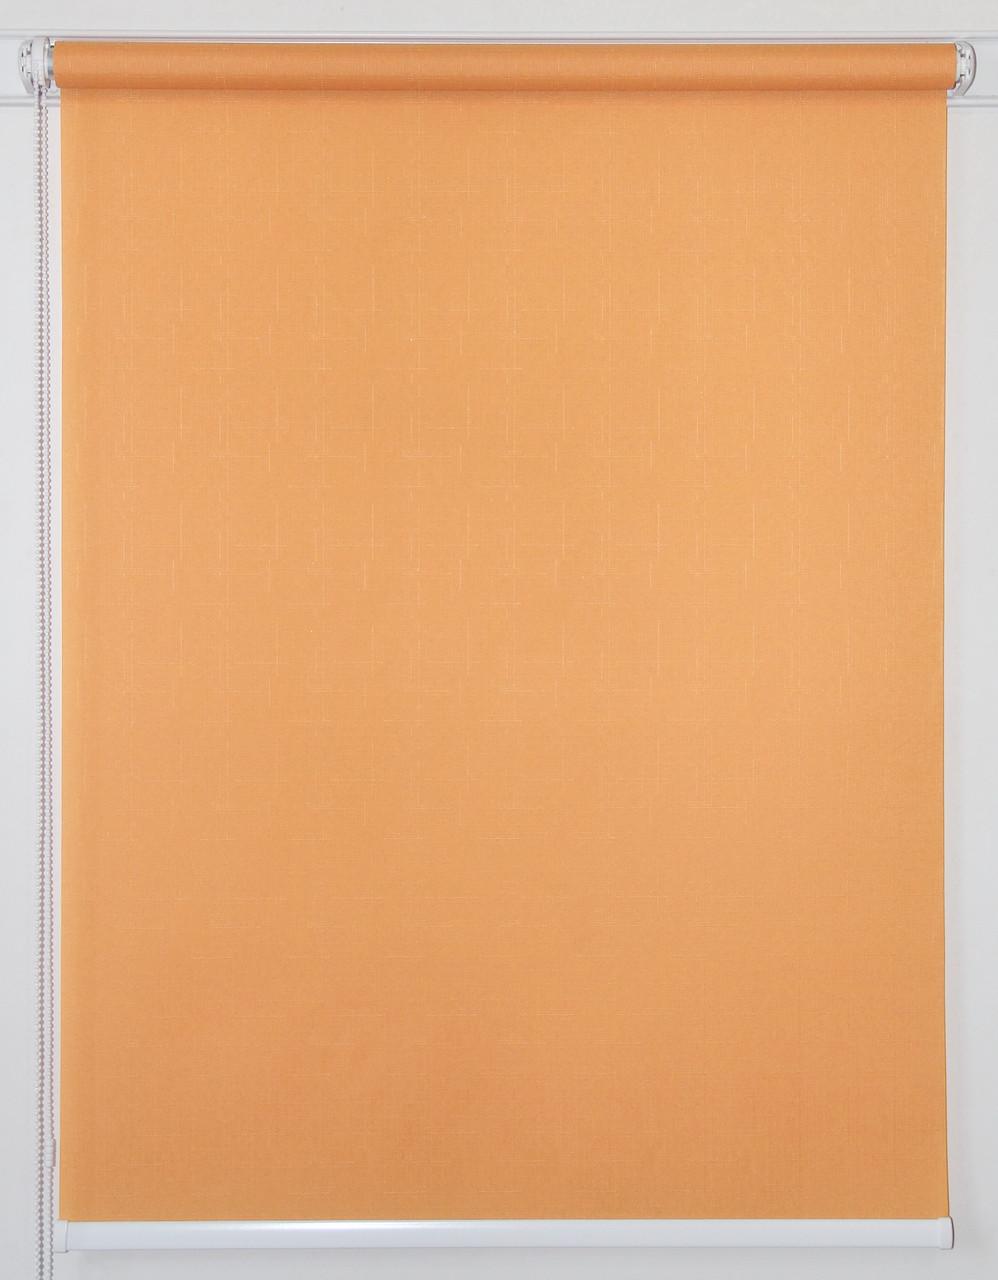 Готовые рулонные шторы 300*1500 Ткань Лён 852 Оранж